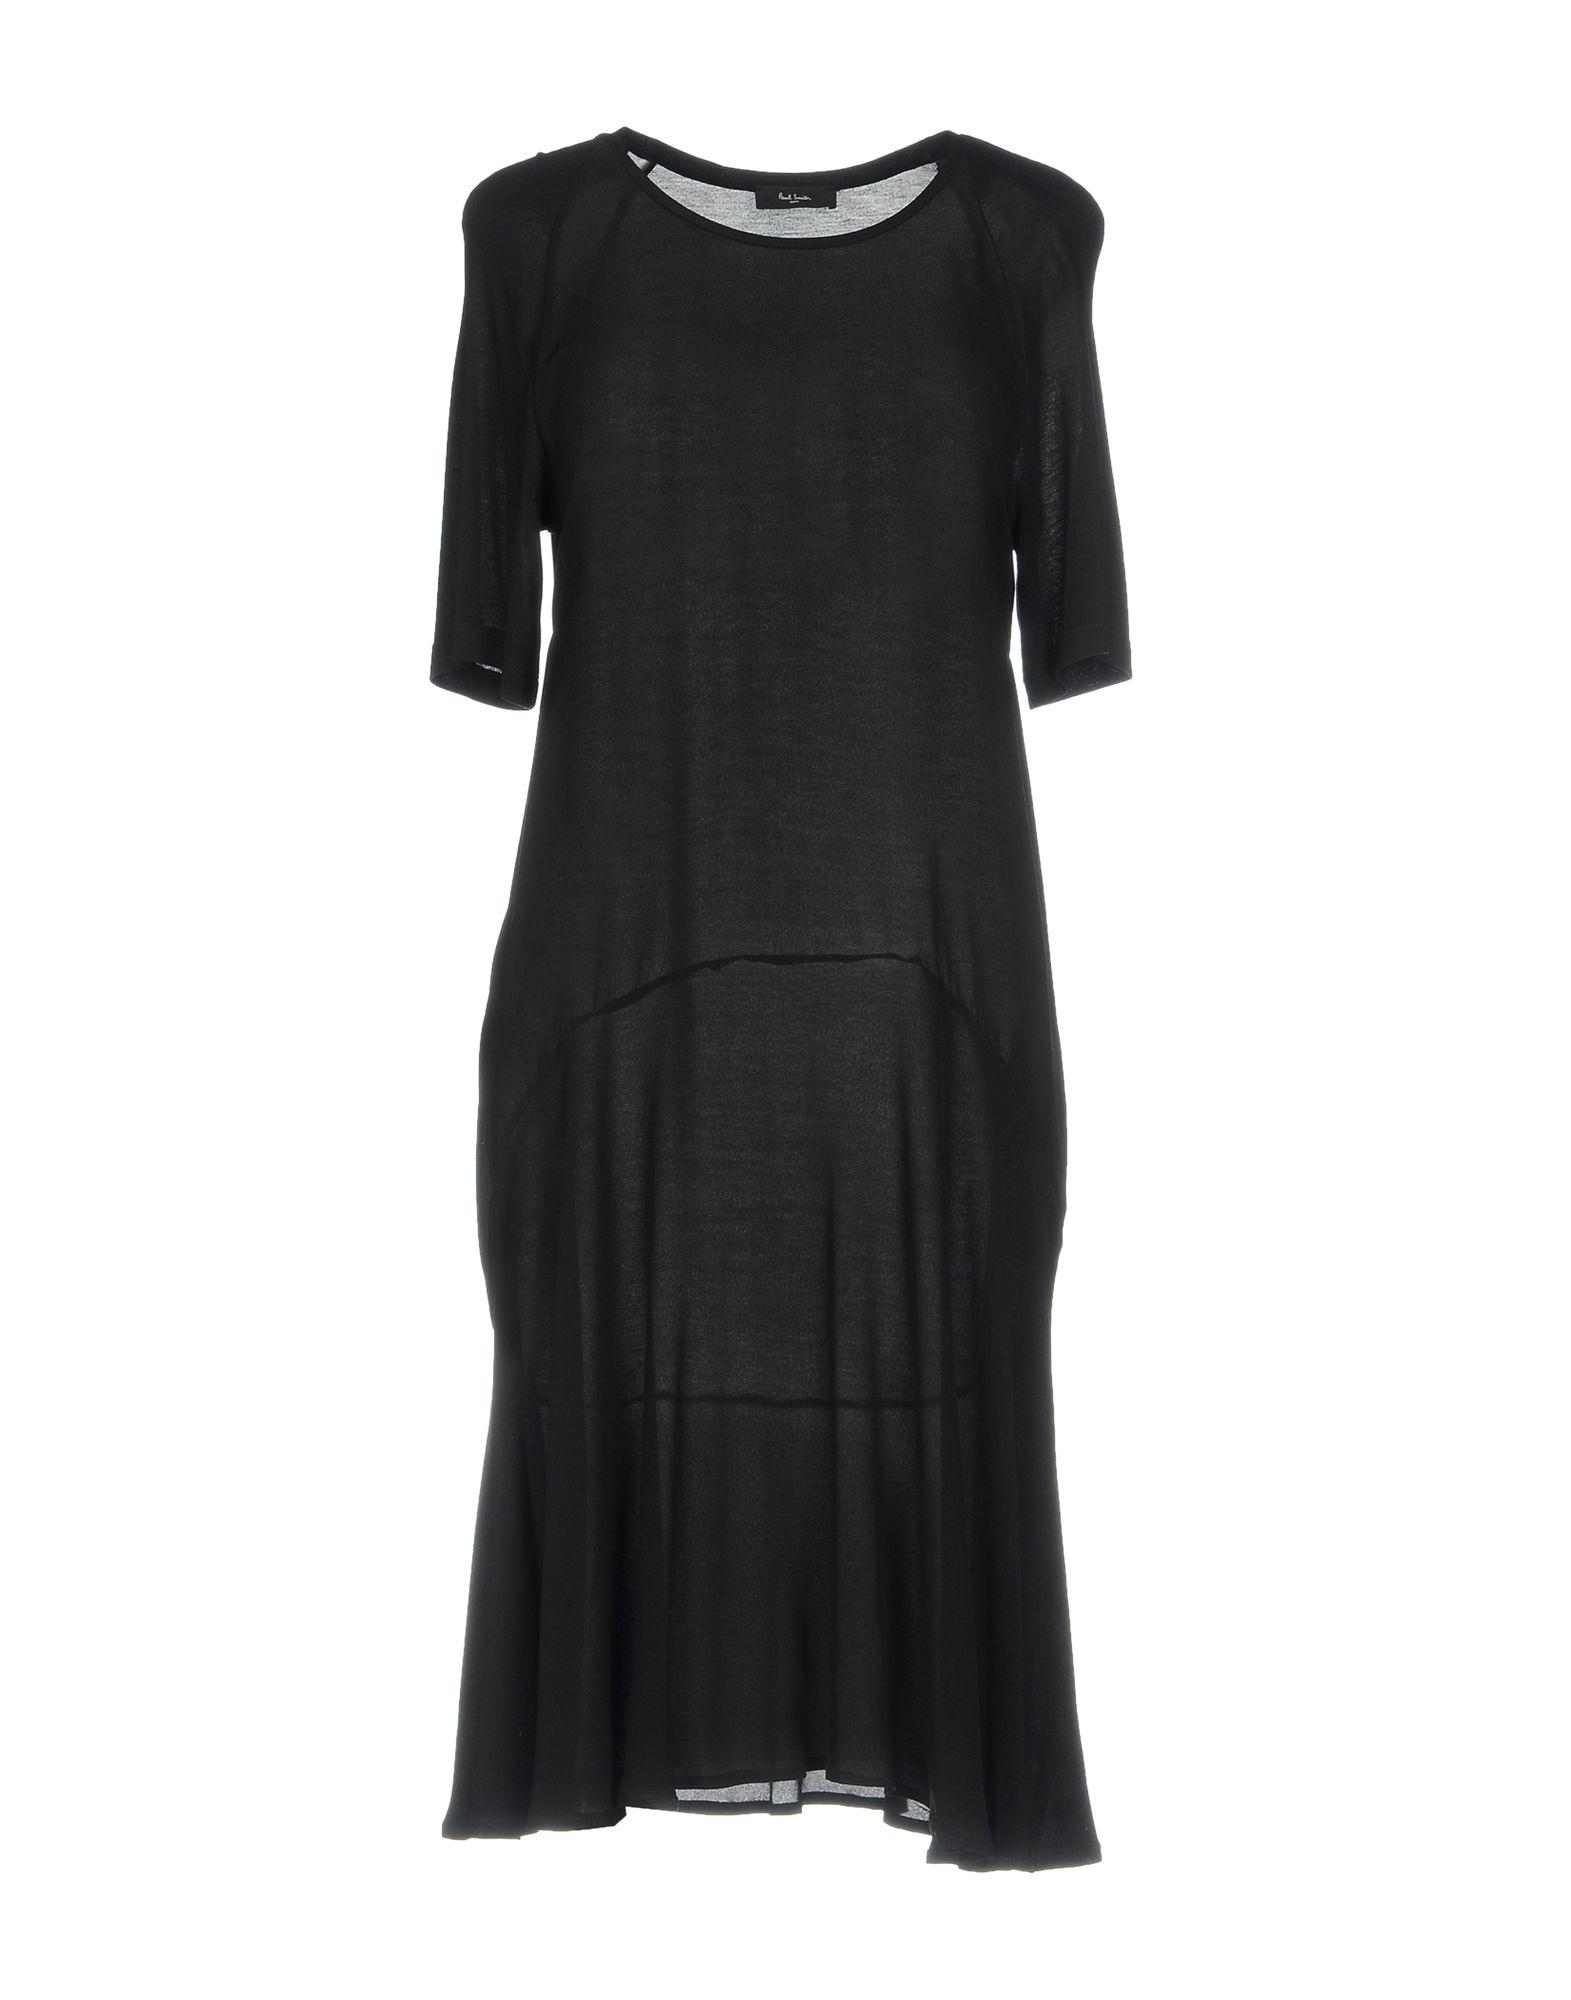 платье paul smith платья и сарафаны мини короткие PAUL SMITH BLACK LABEL Платье до колена